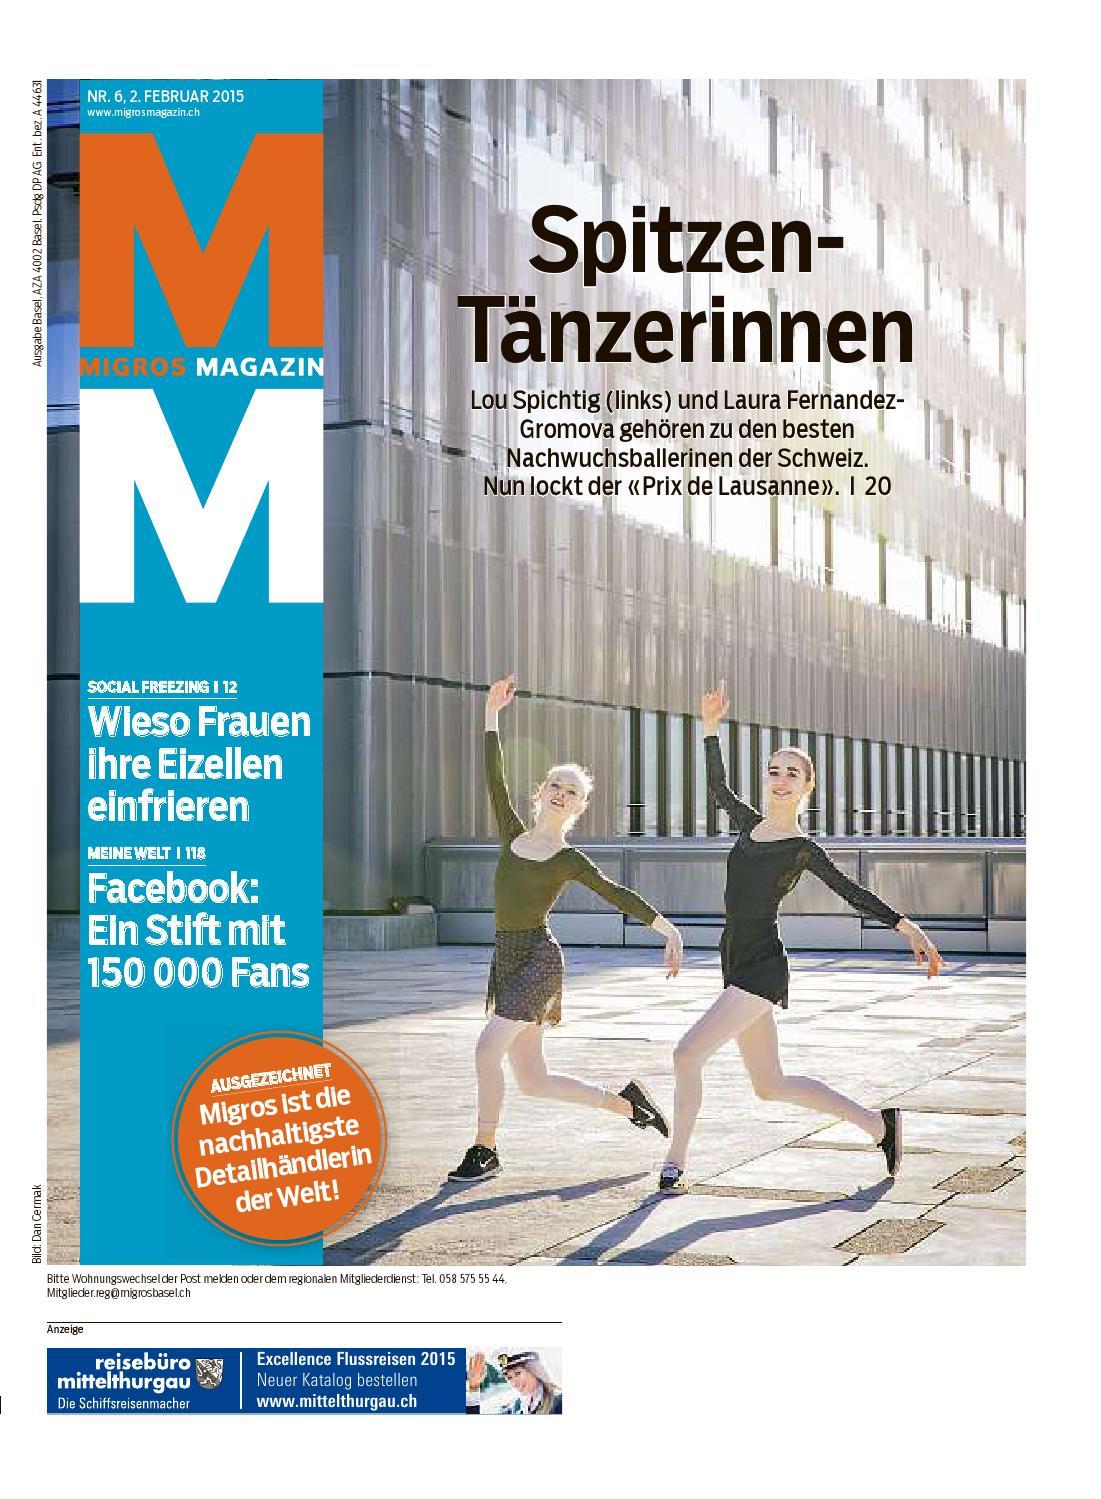 Migros magazin 06 2015 d bl by Migros Genossenschafts Bund